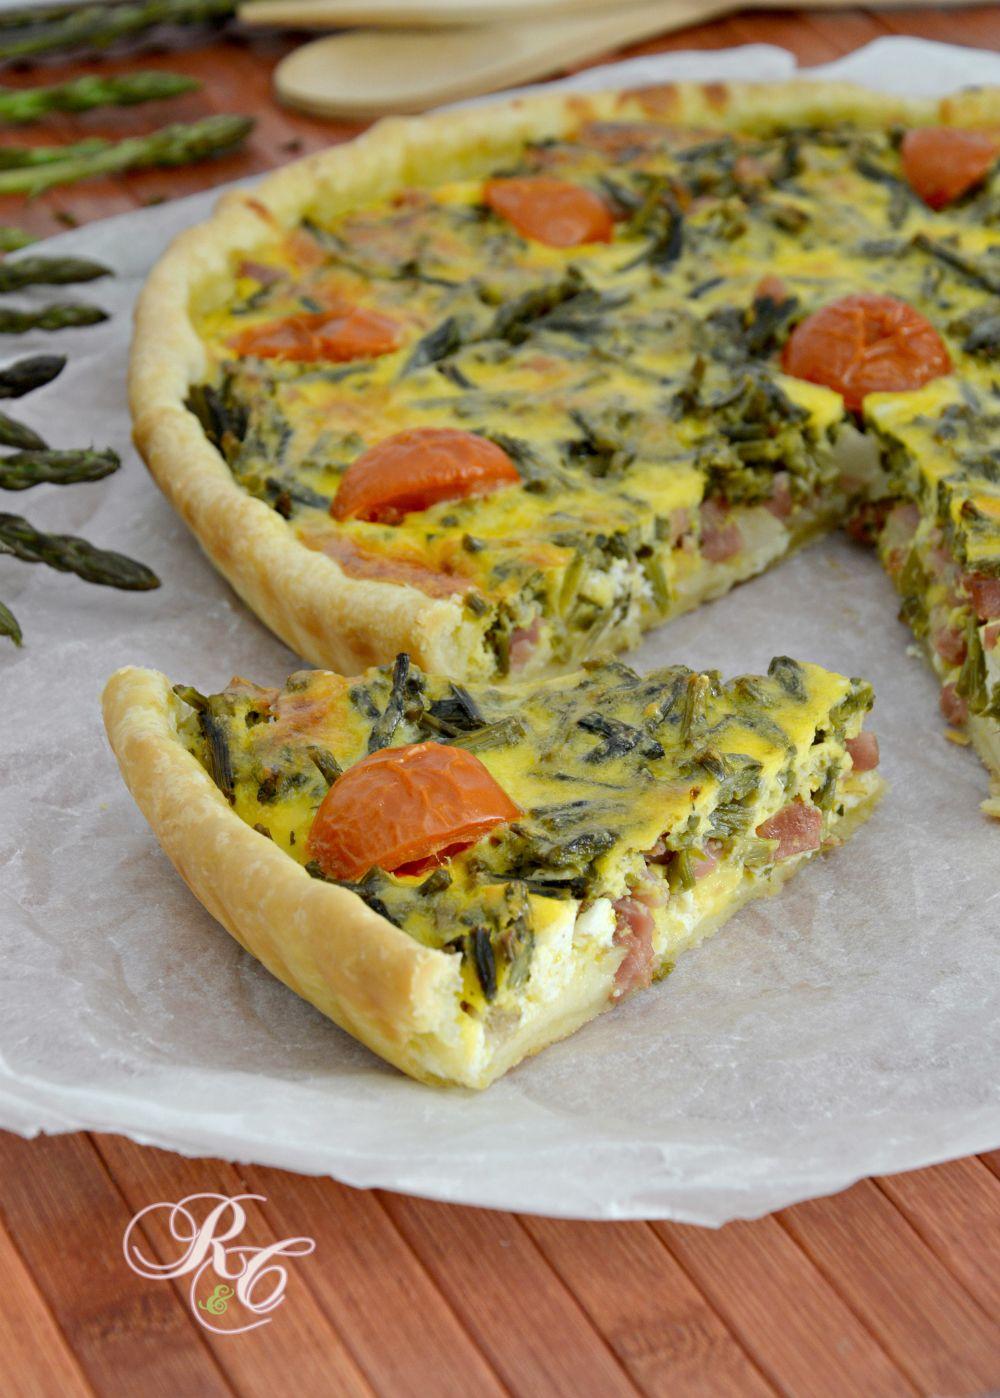 Torta salata con asparagi, ricotta e speck | Rafano e